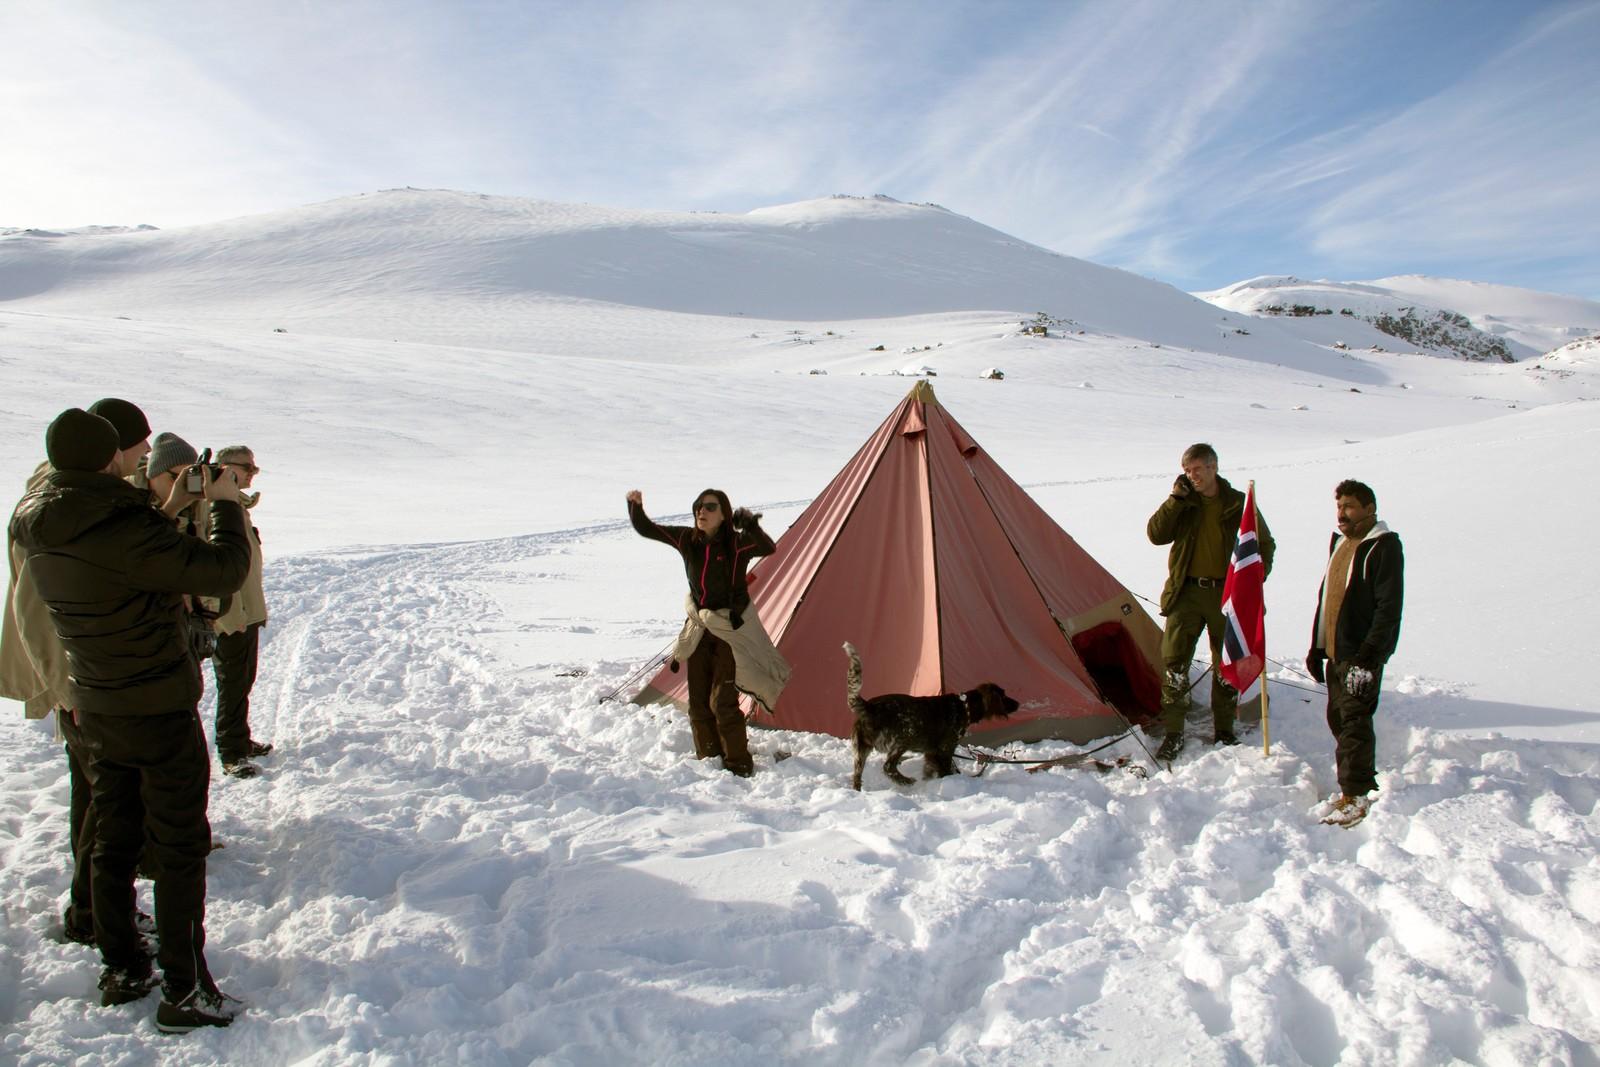 – Det har vært et fantastisk slit. Et godt slit, sier Kari Didriksen og poserer ved målet: kopien av Roald Amundsens telt.